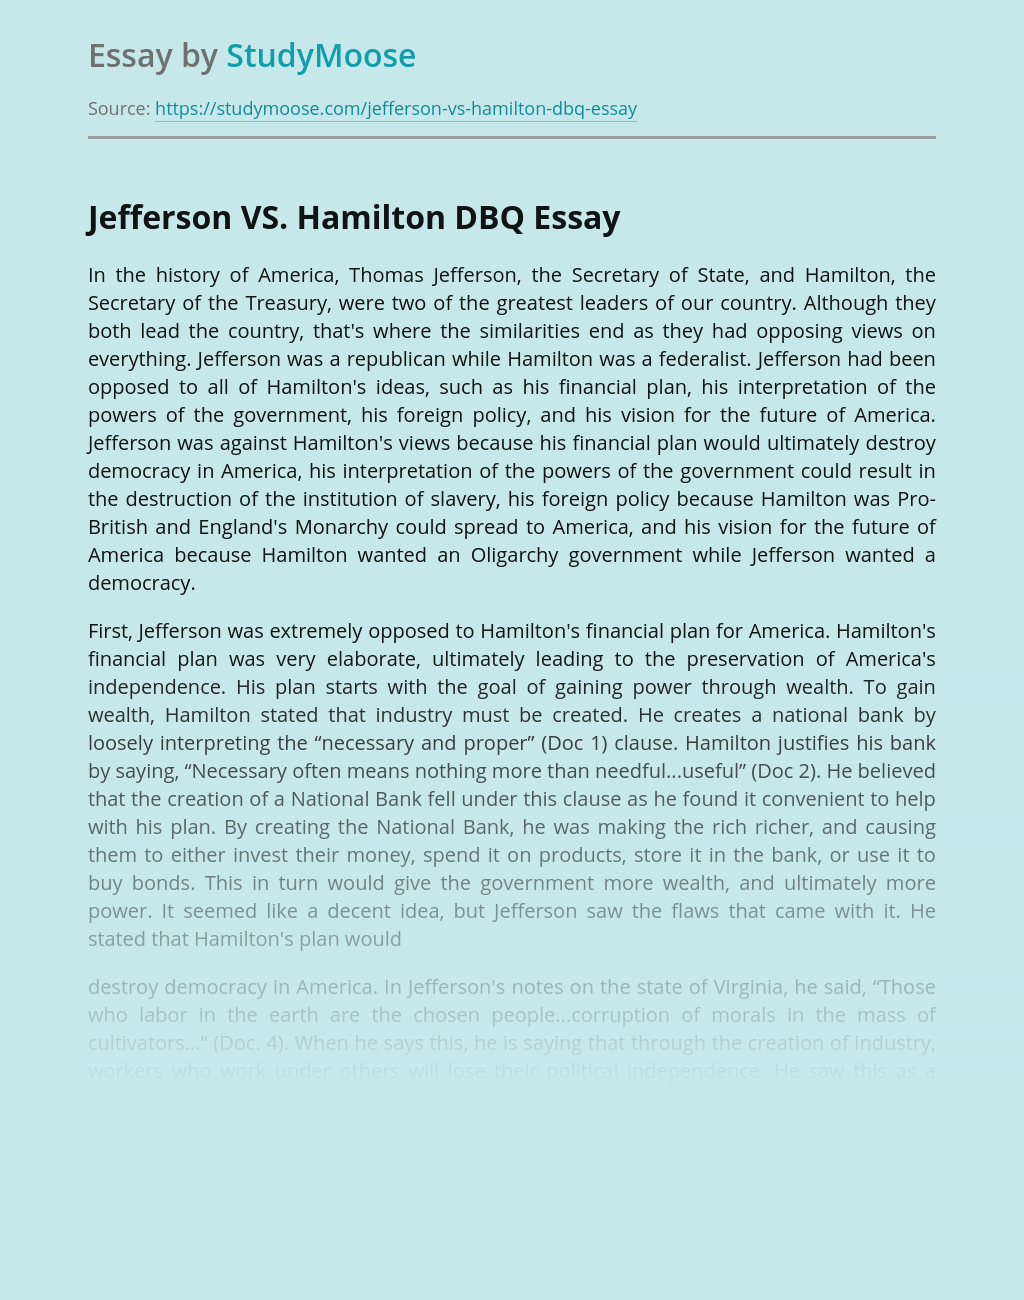 Jefferson VS. Hamilton DBQ